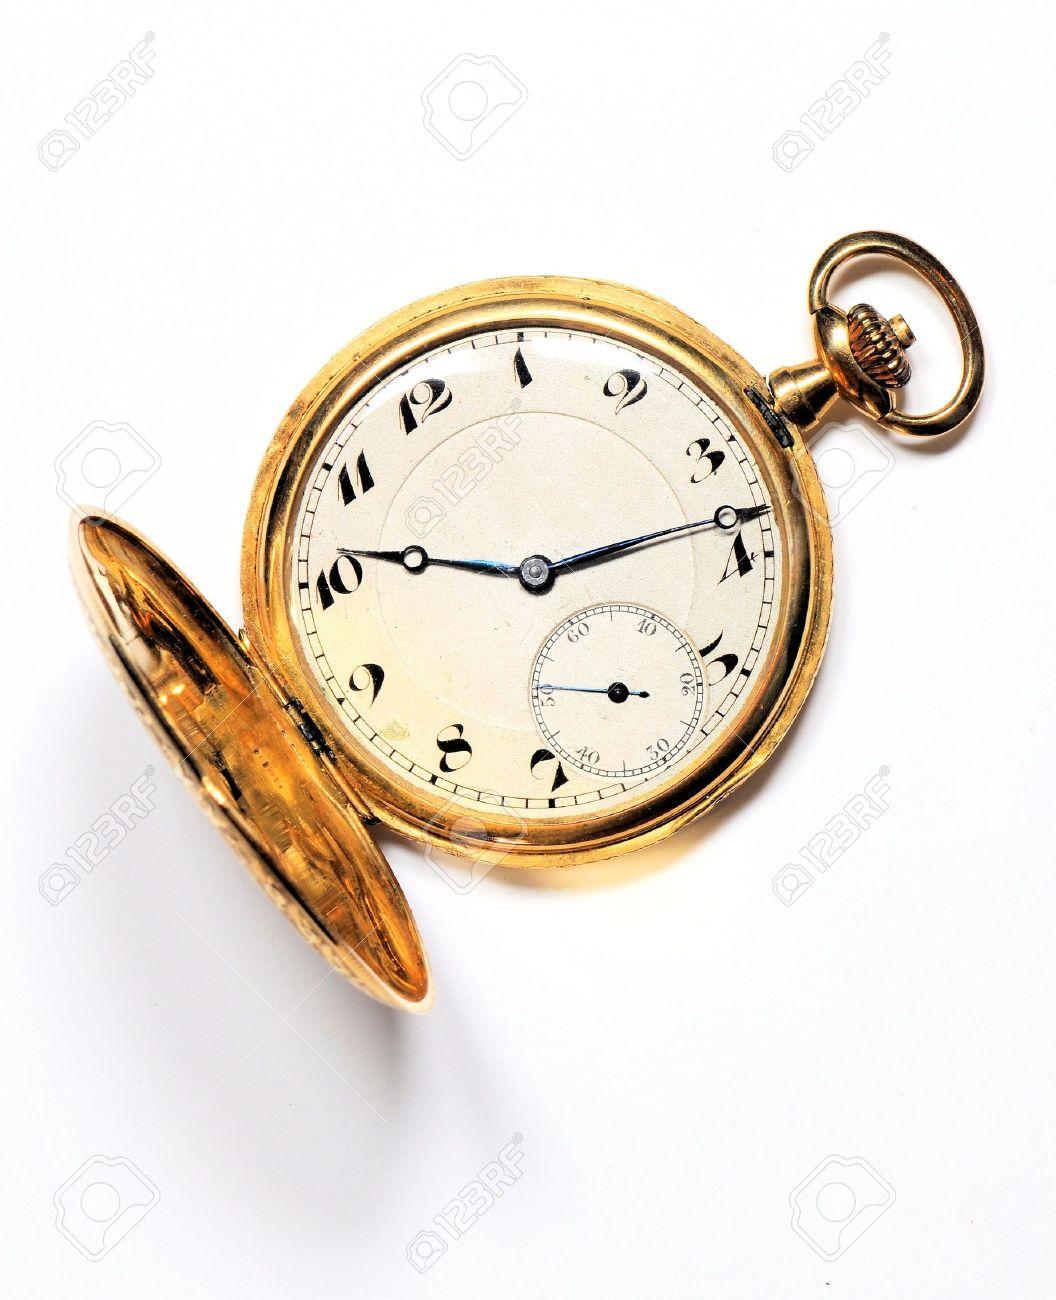 reloj de bolsillo Antiguo reloj de bolsillo de oro sobre fondo blanco